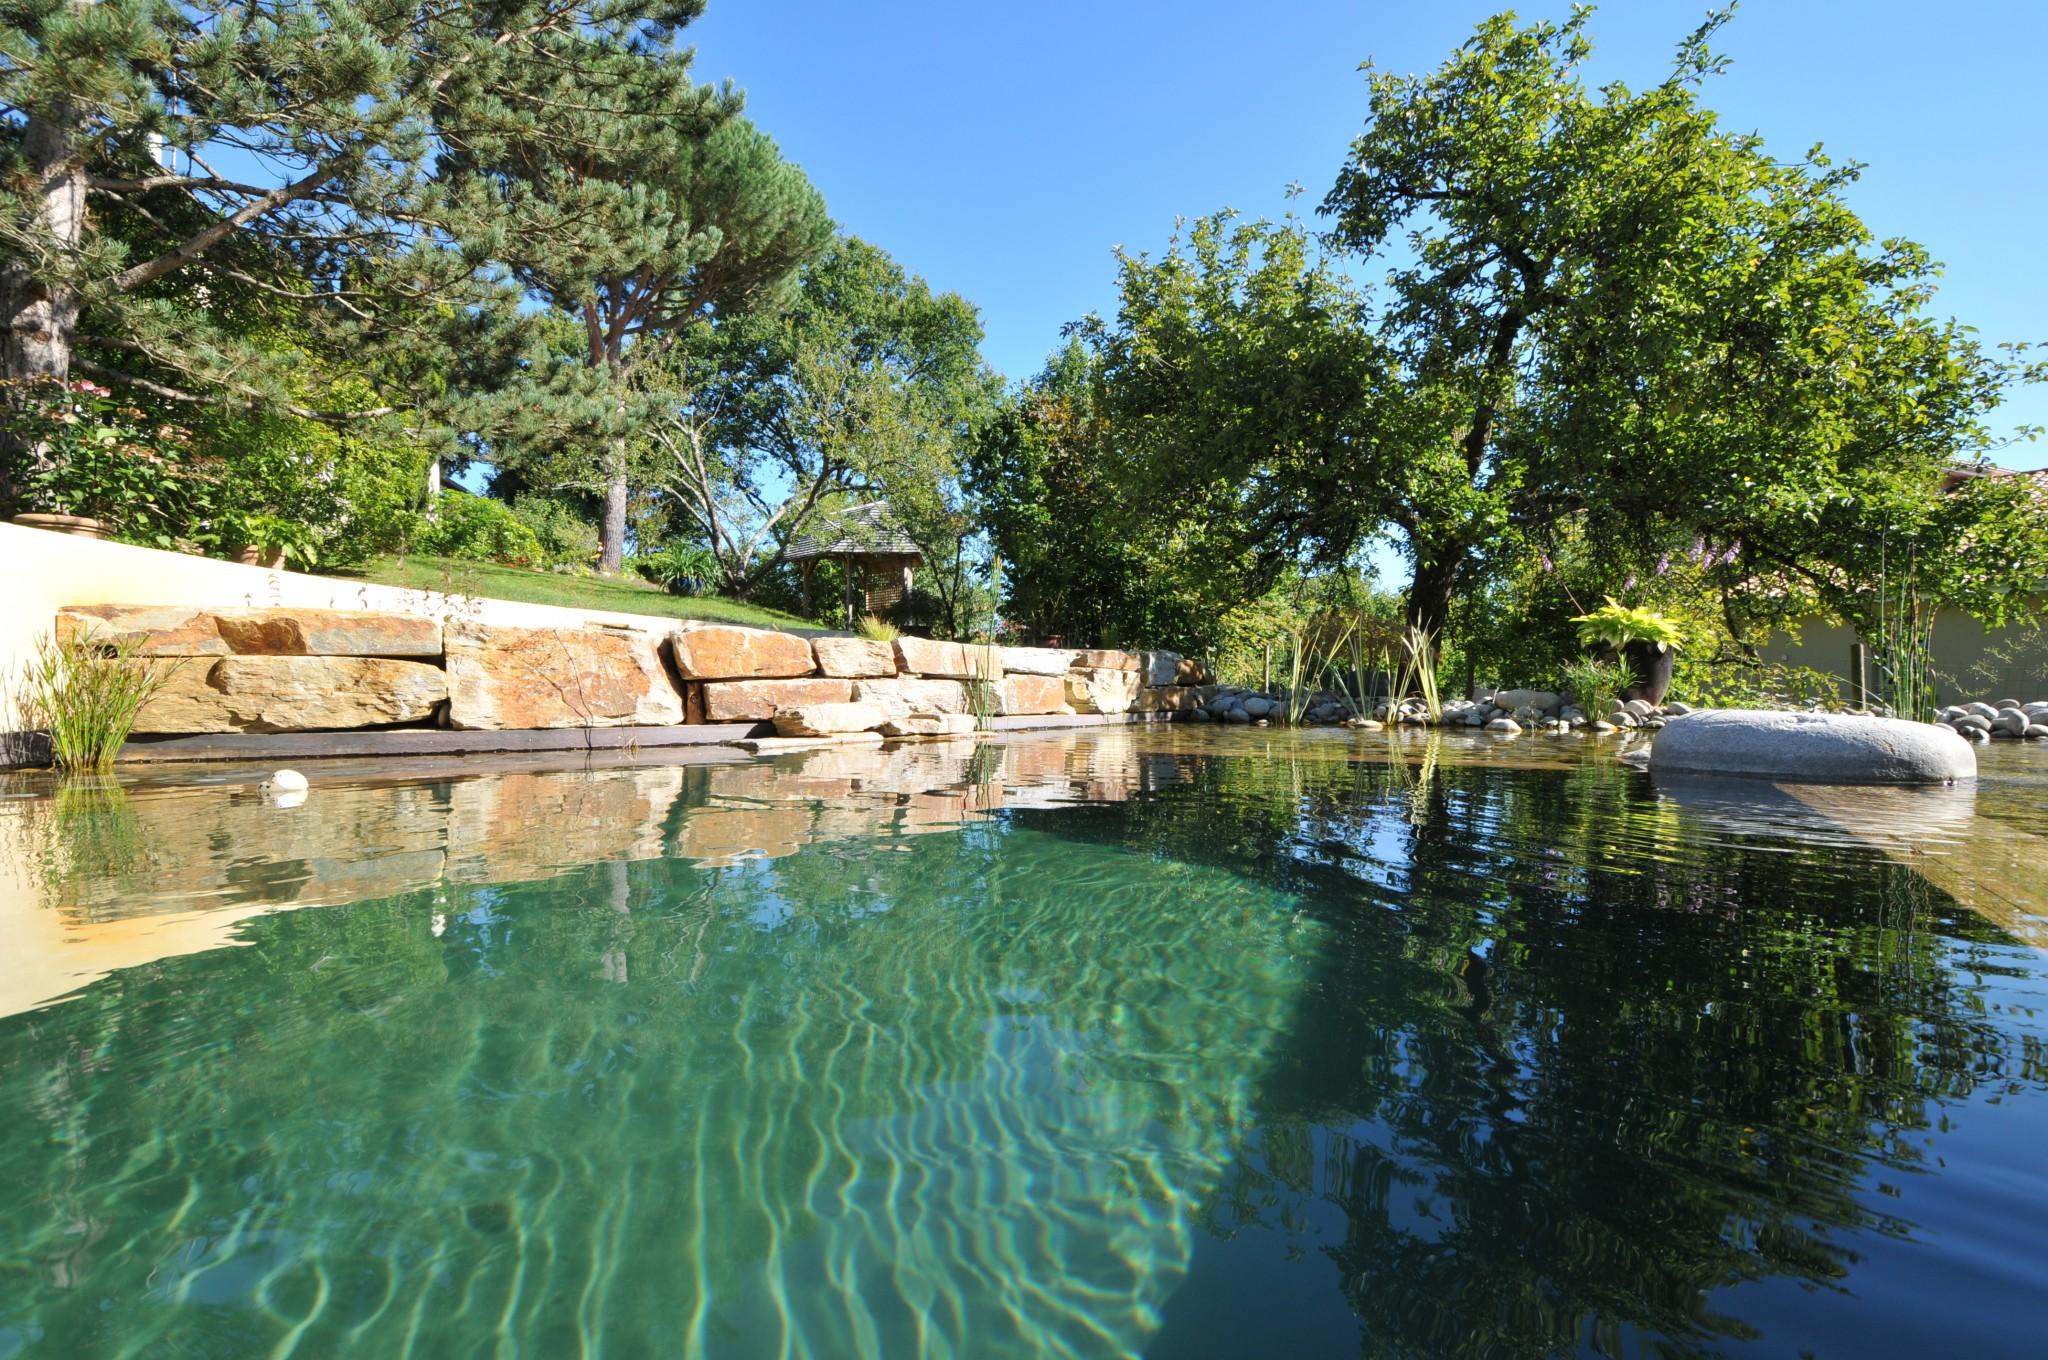 Bassin de baignade vue de l'eau